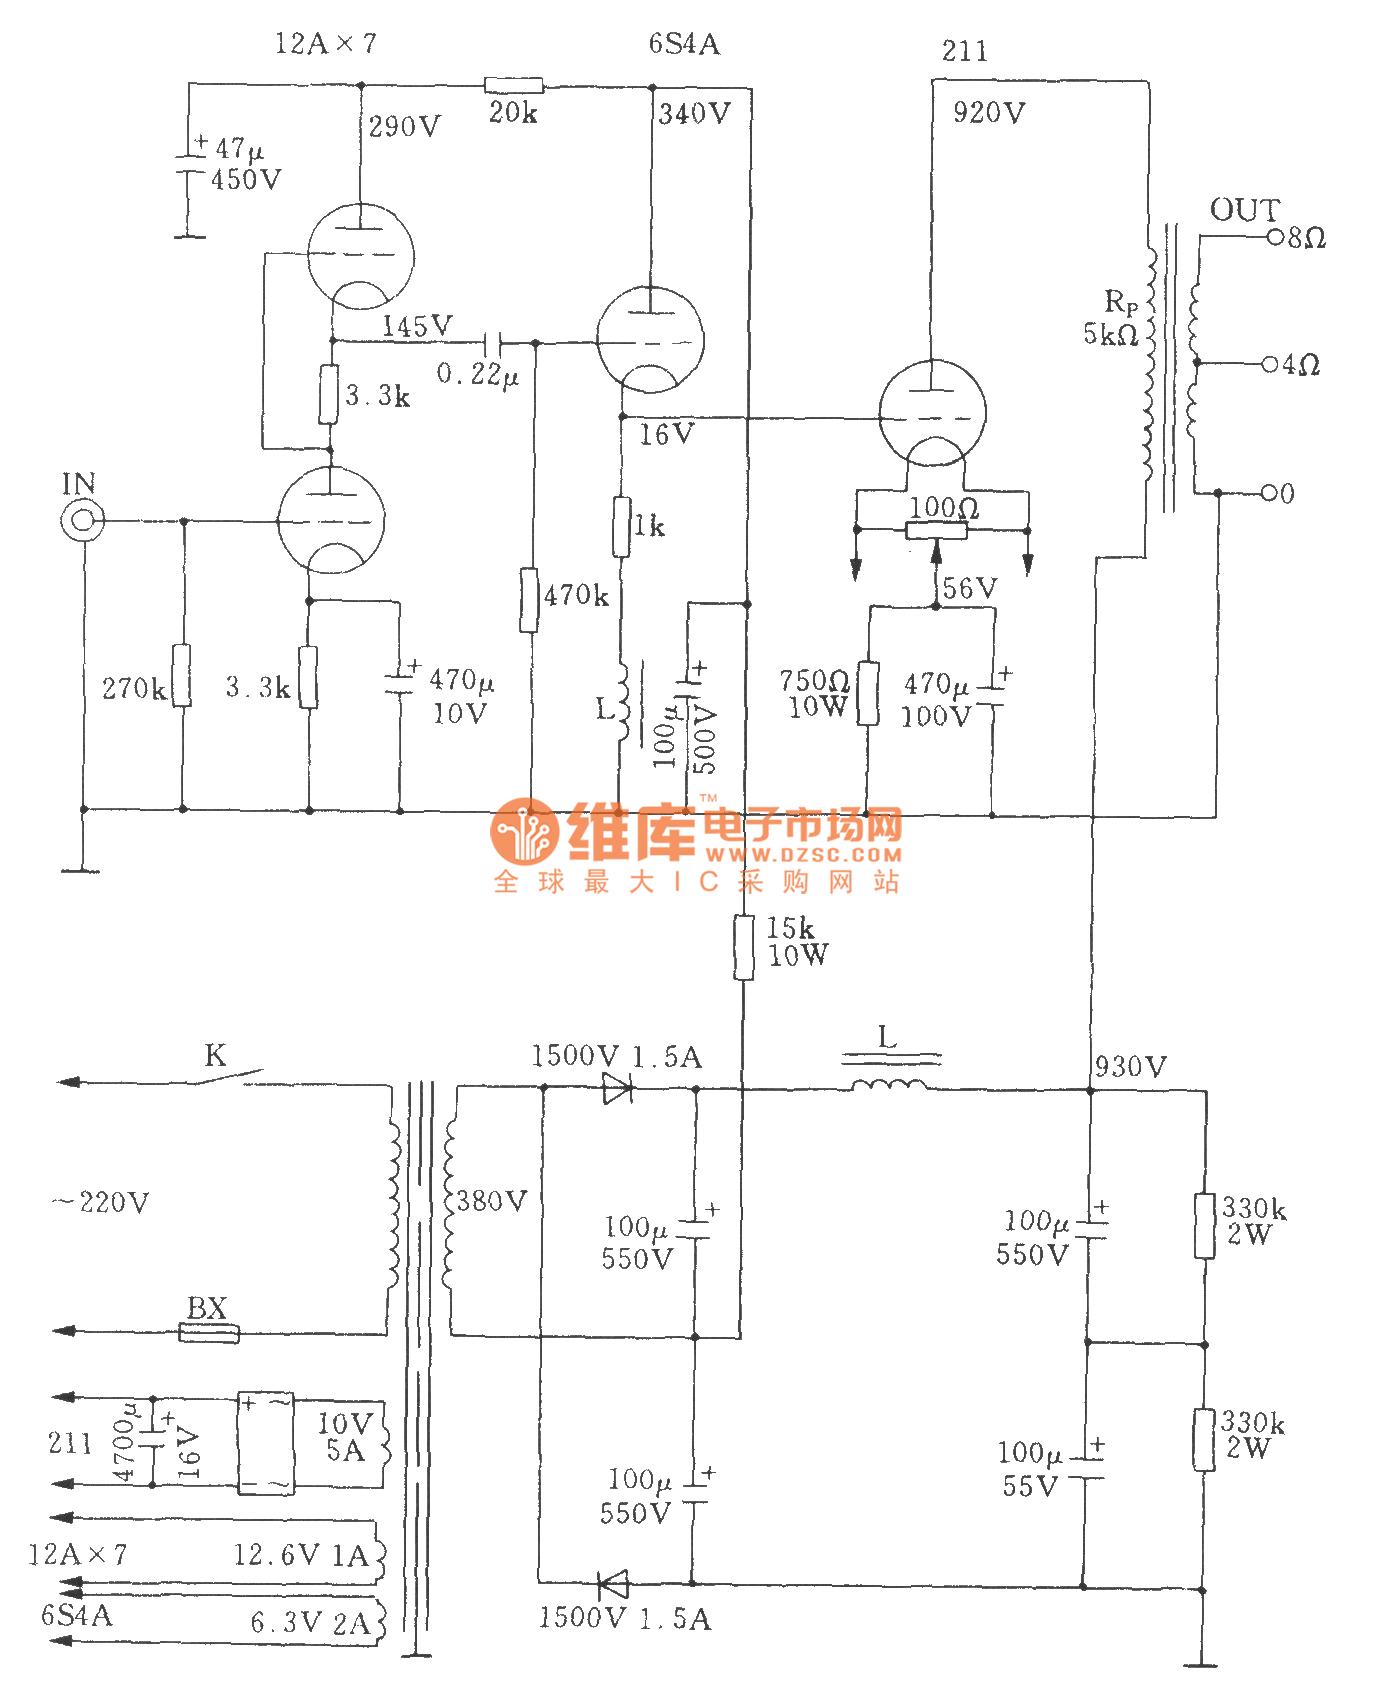 高功率电子管单端A类211功放电子管功放 电路图 捷配电子市场网图片